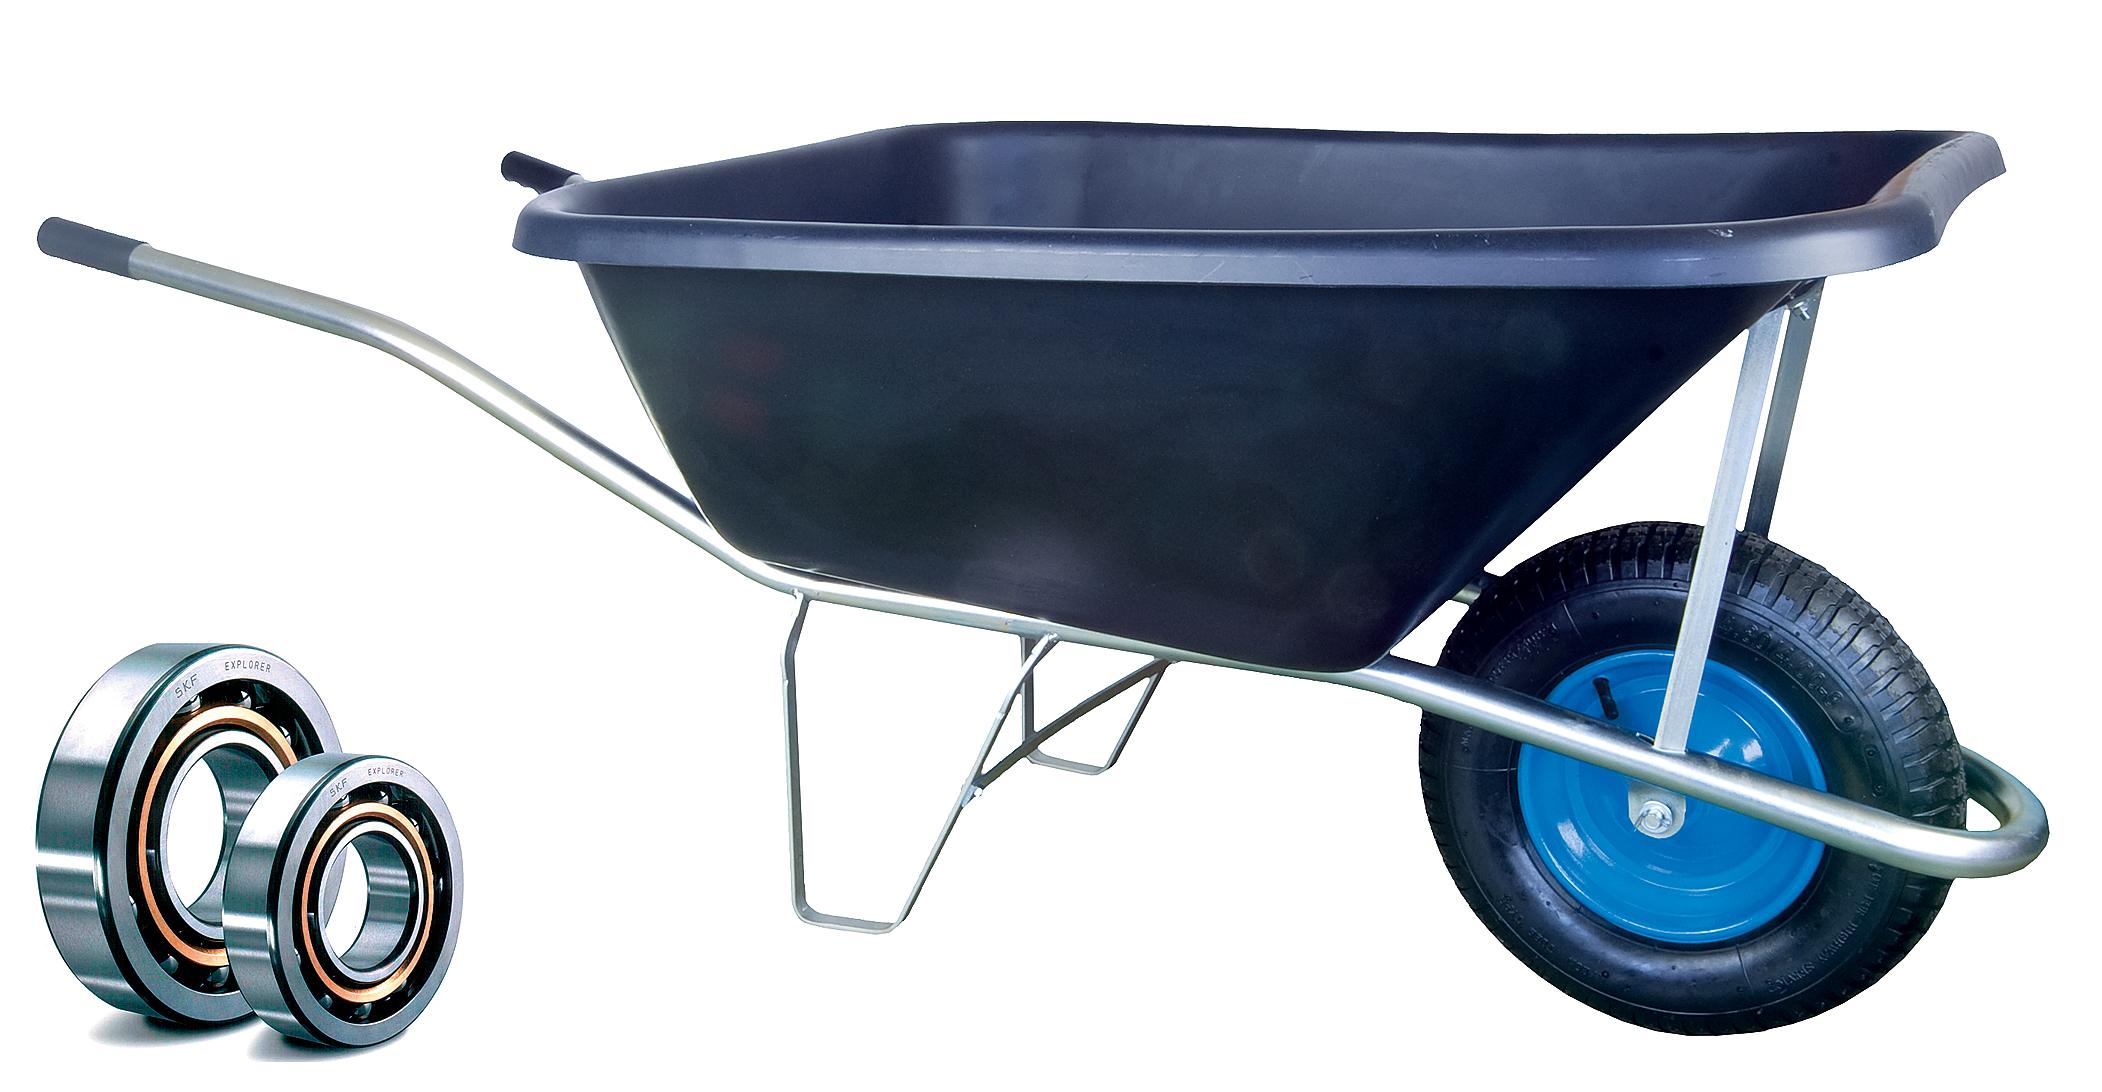 HTI Zahradní kolečko PROFI 120l s pozinkovaným rámem a nafukovací pneumatikou KULIČKOVÁ LOŽISKA KZL09